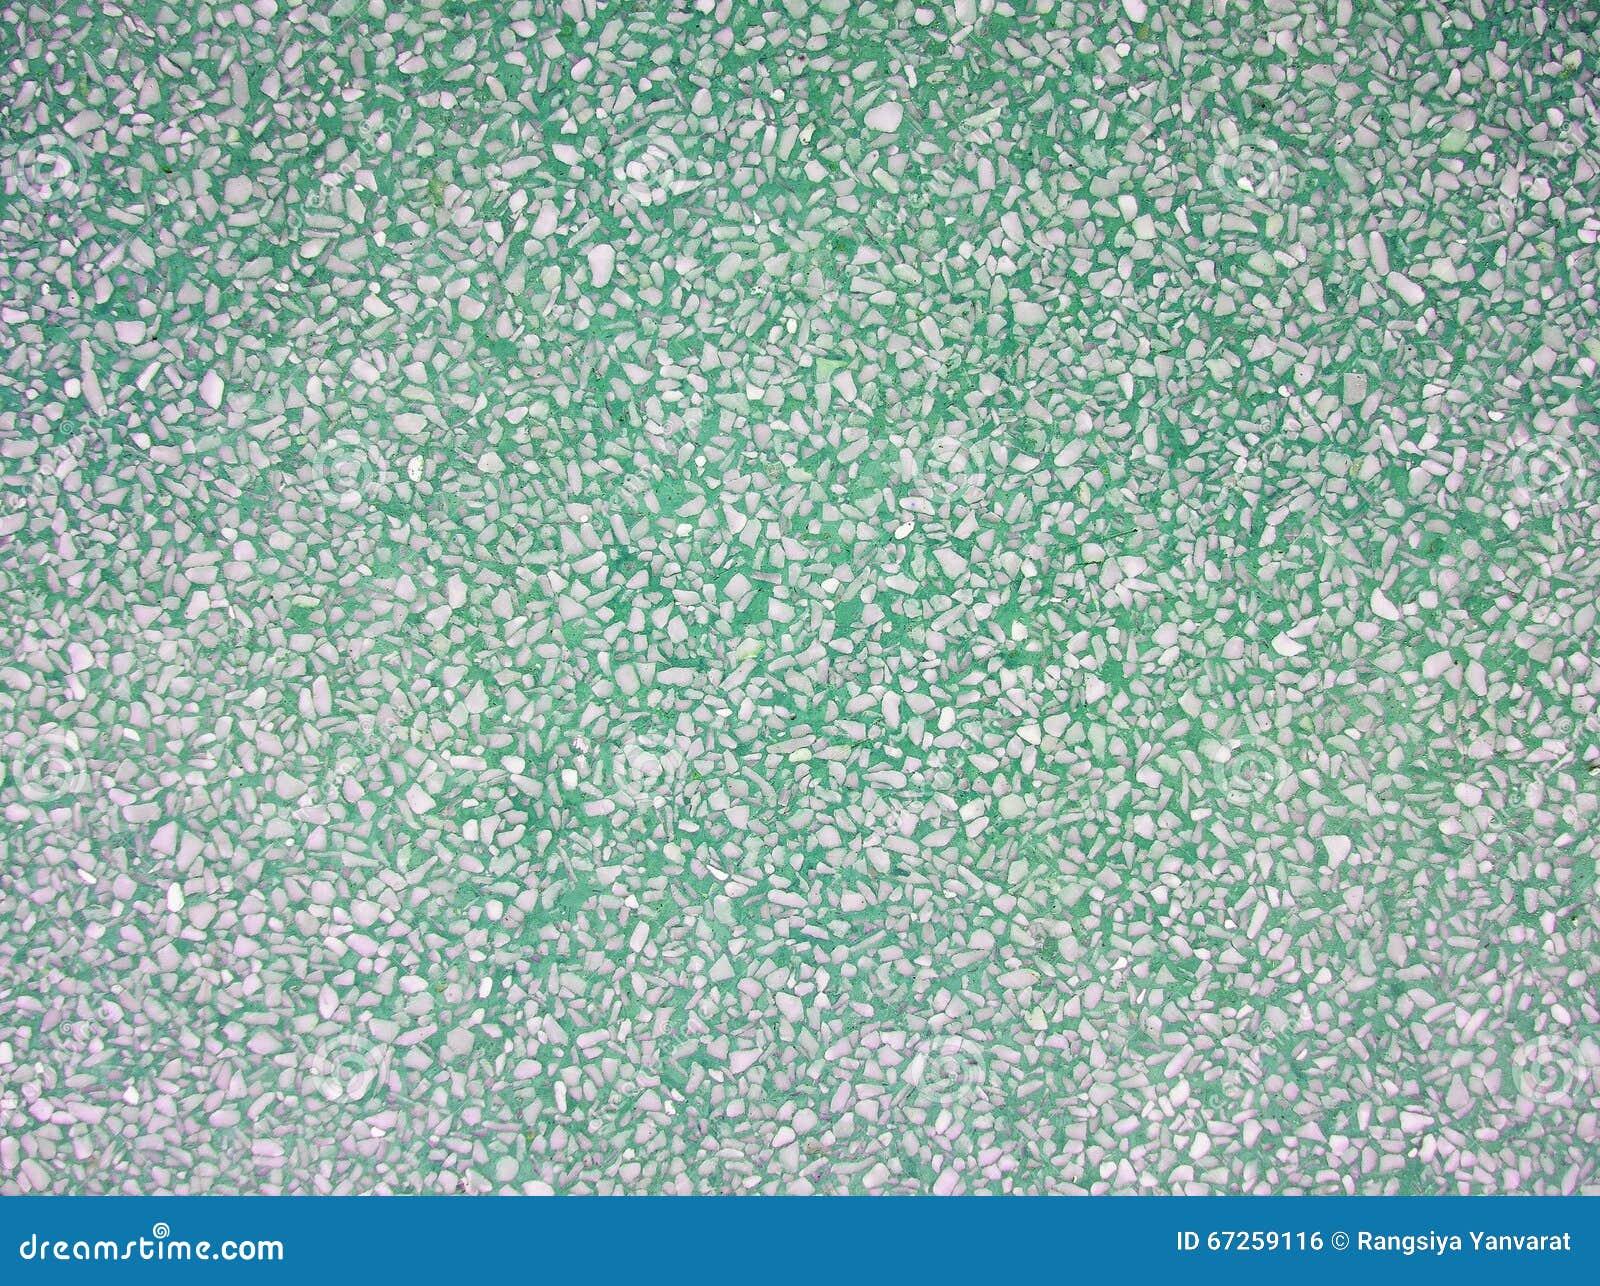 terrazzo floor background stock - photo #2